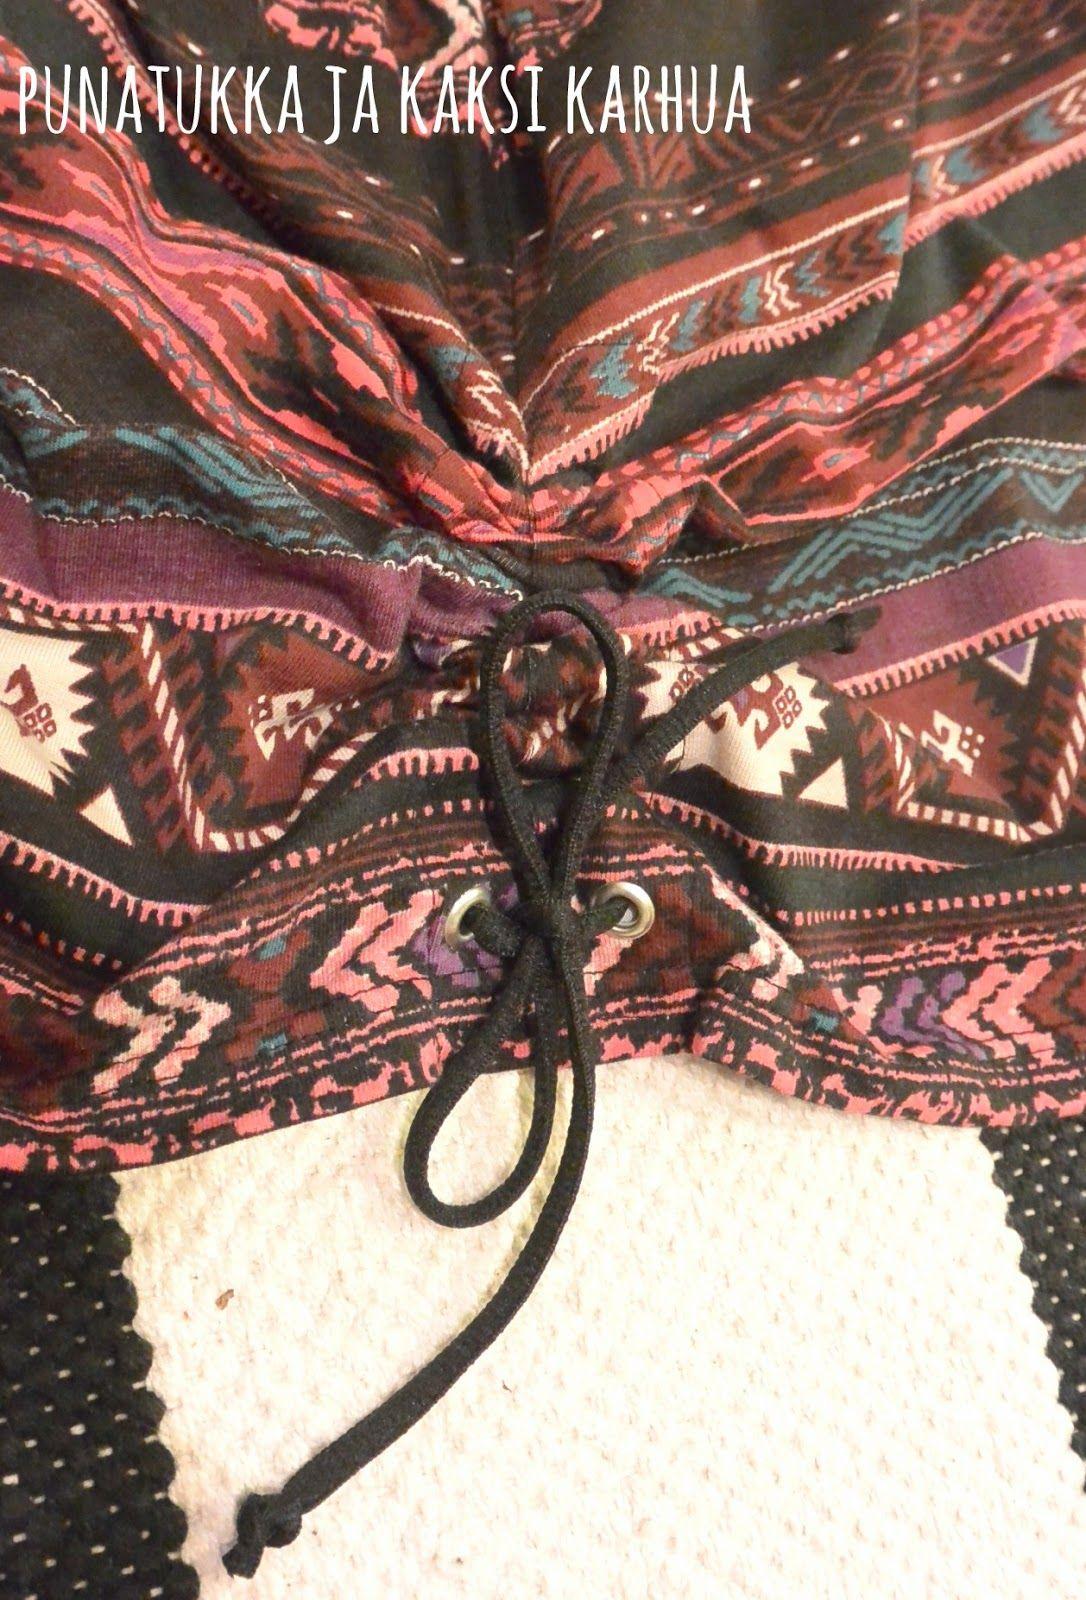 http://punatukkajakaksikarhua.blogspot.ru/2014/05/toppi-itselle-ja-ohje-nyorirypytyksen.html